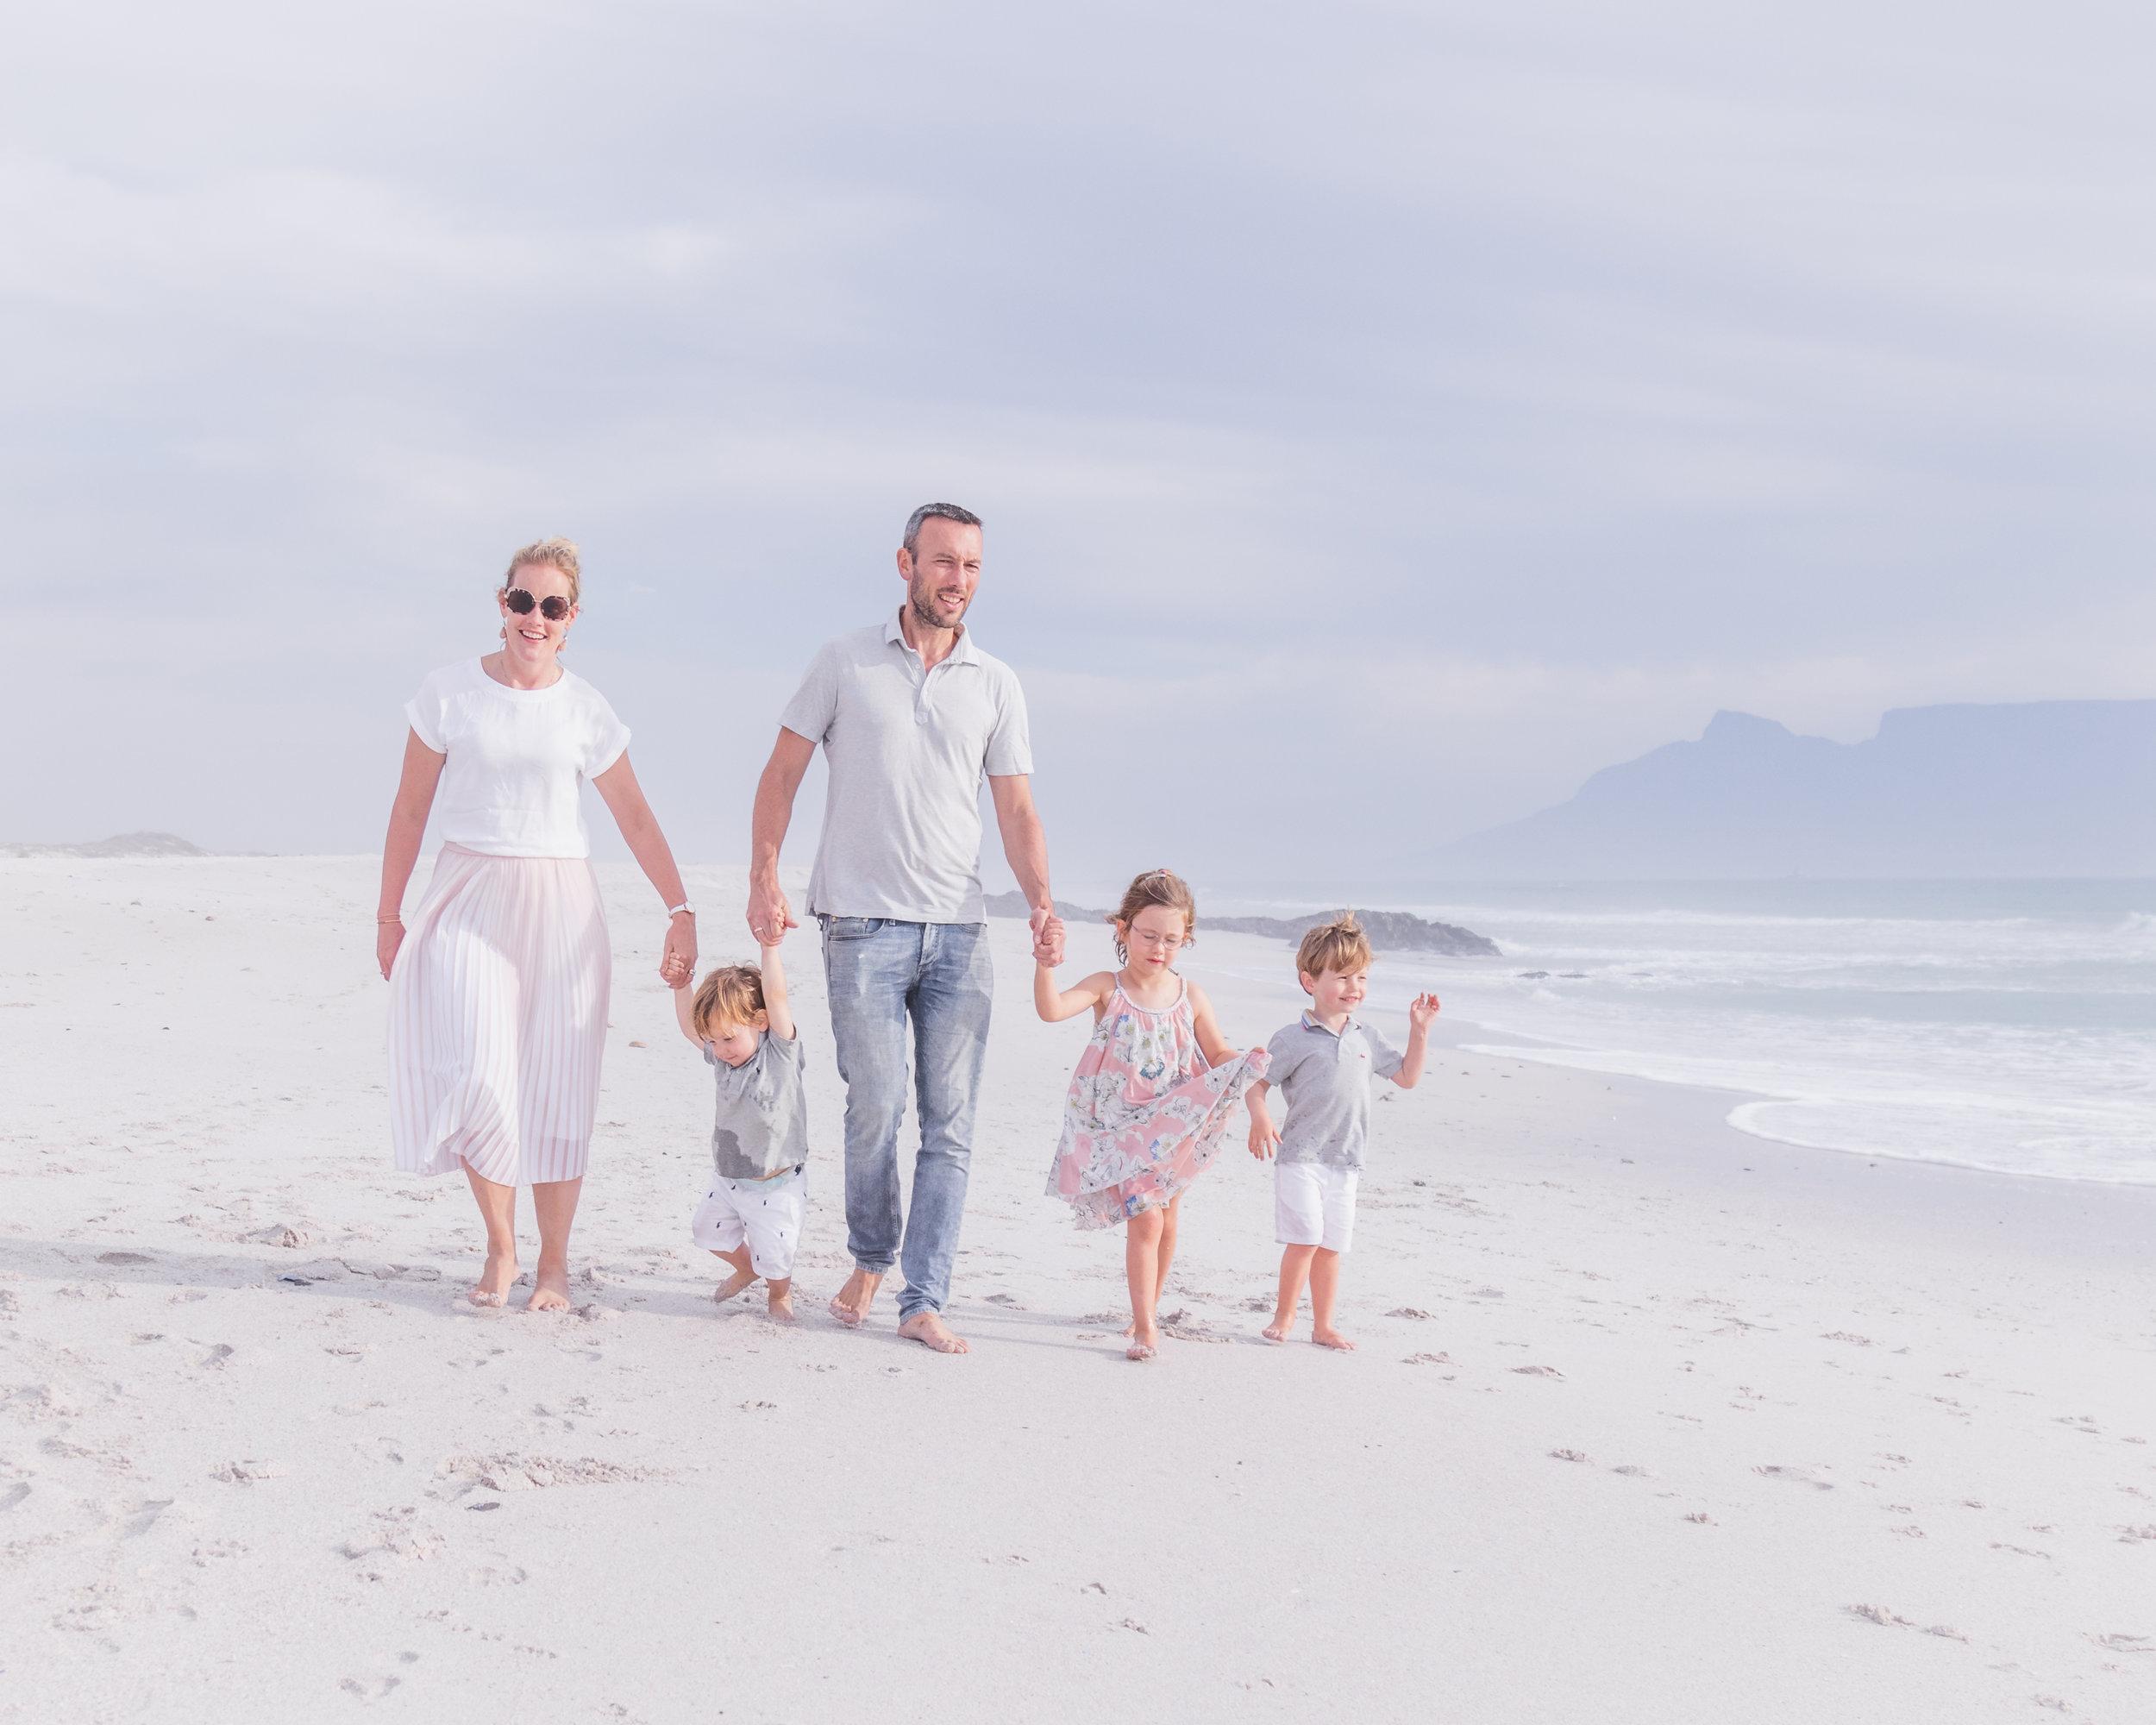 Ken Treloar Photography - Monteban Family Photos - Cape Town 2018 (high-res)-14.jpg